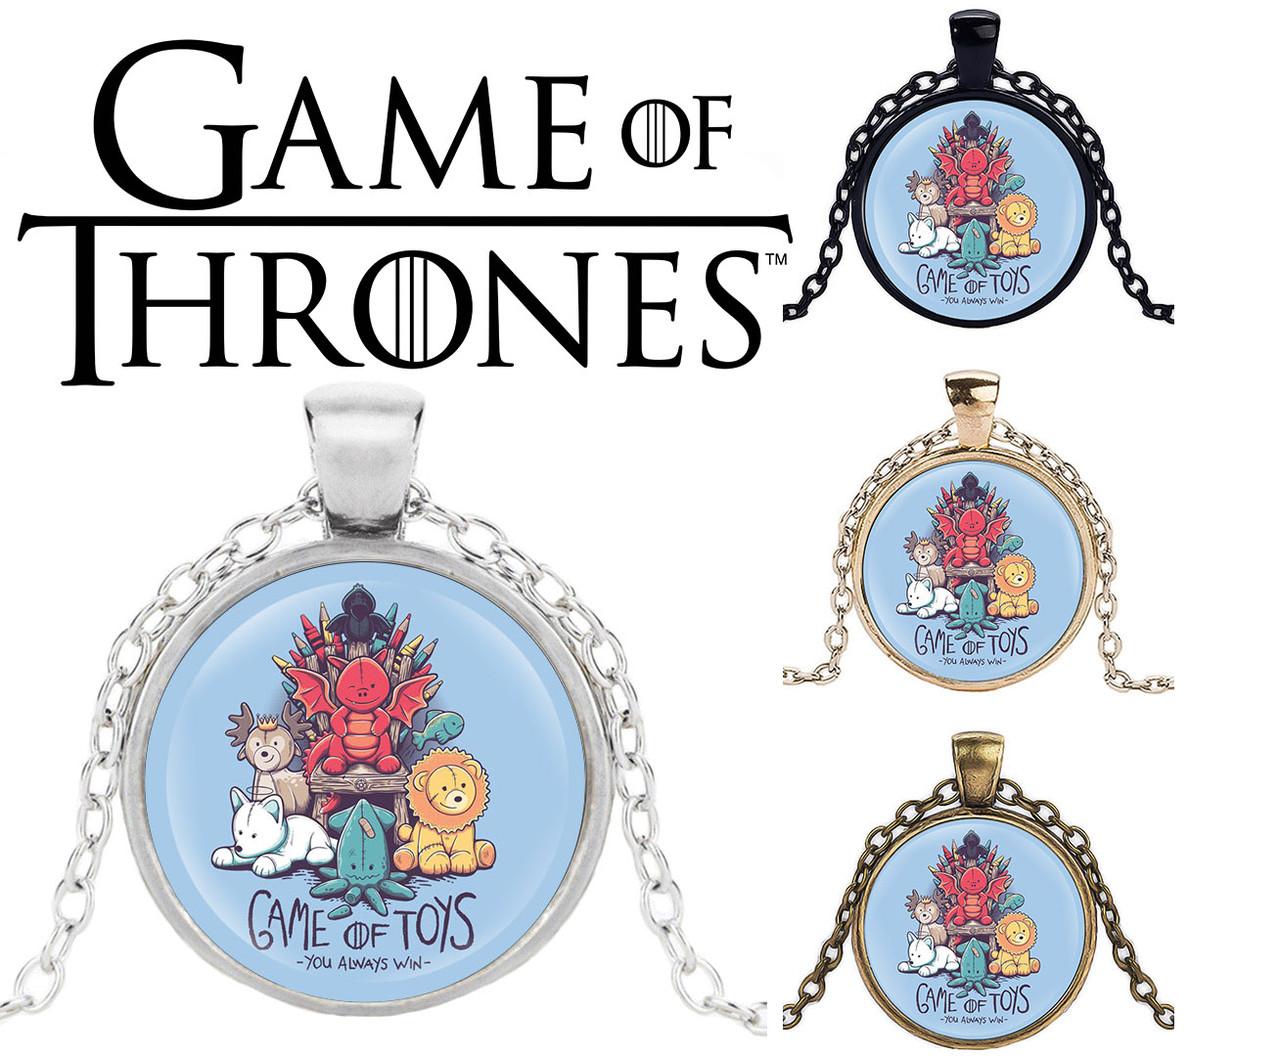 Кулон Game of Toys по мотивам Game of Thrones Игра Престолов